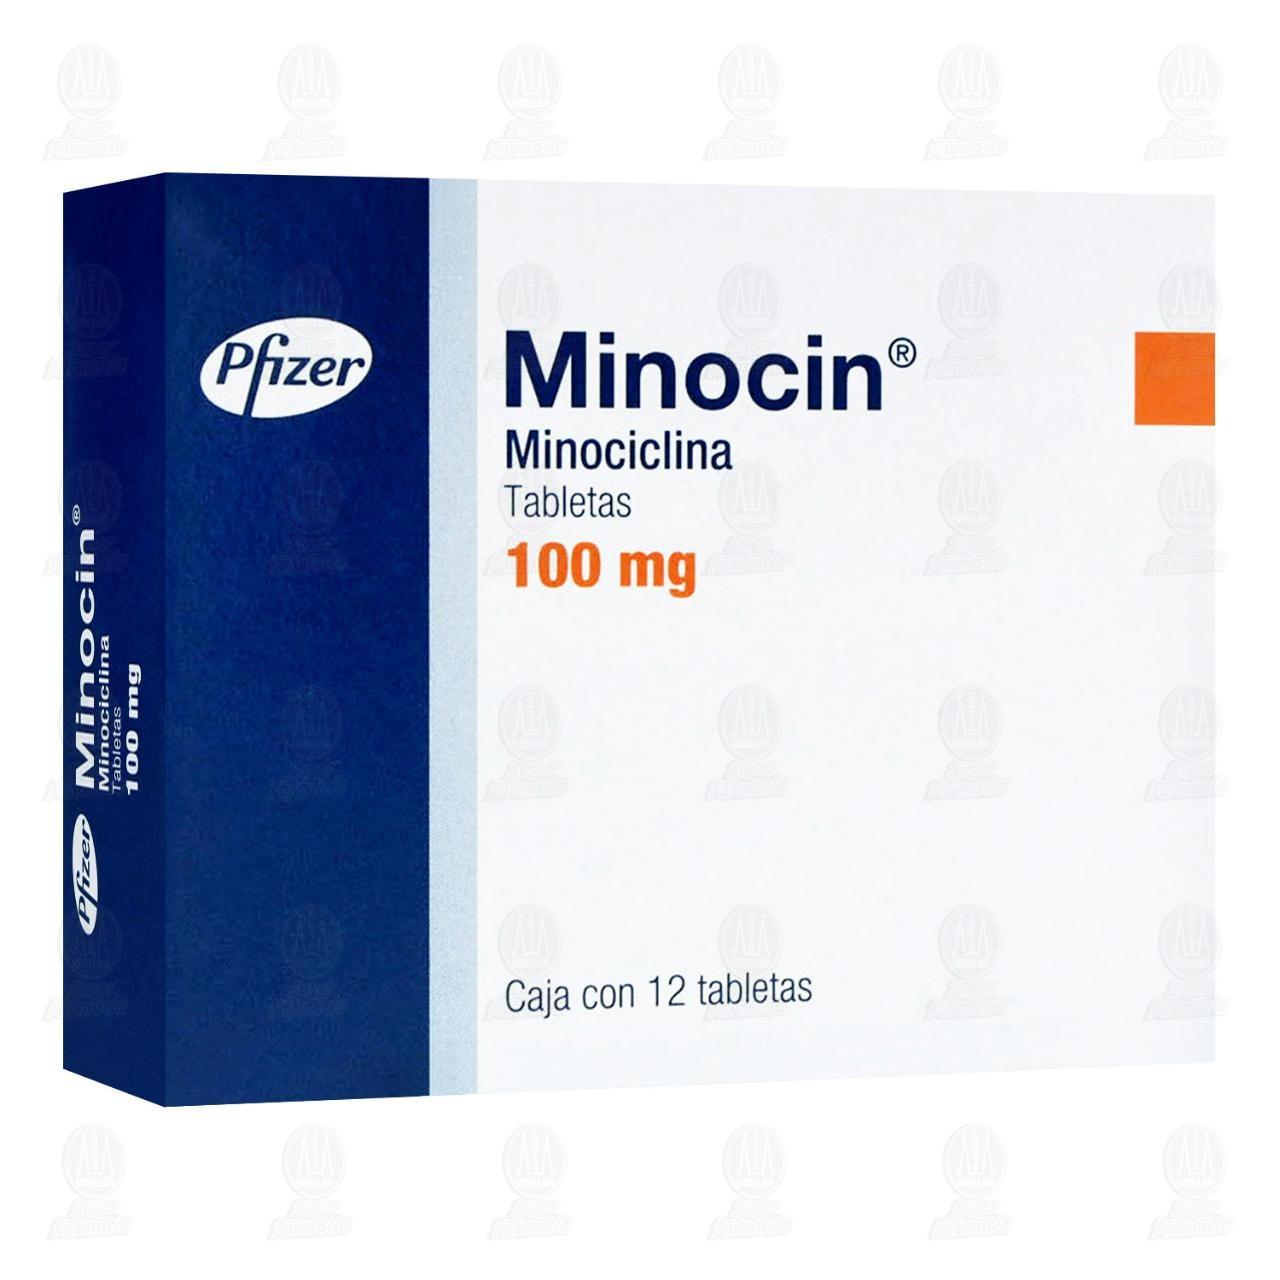 Comprar Minocin 100mg 12 Tabletas en Farmacias Guadalajara